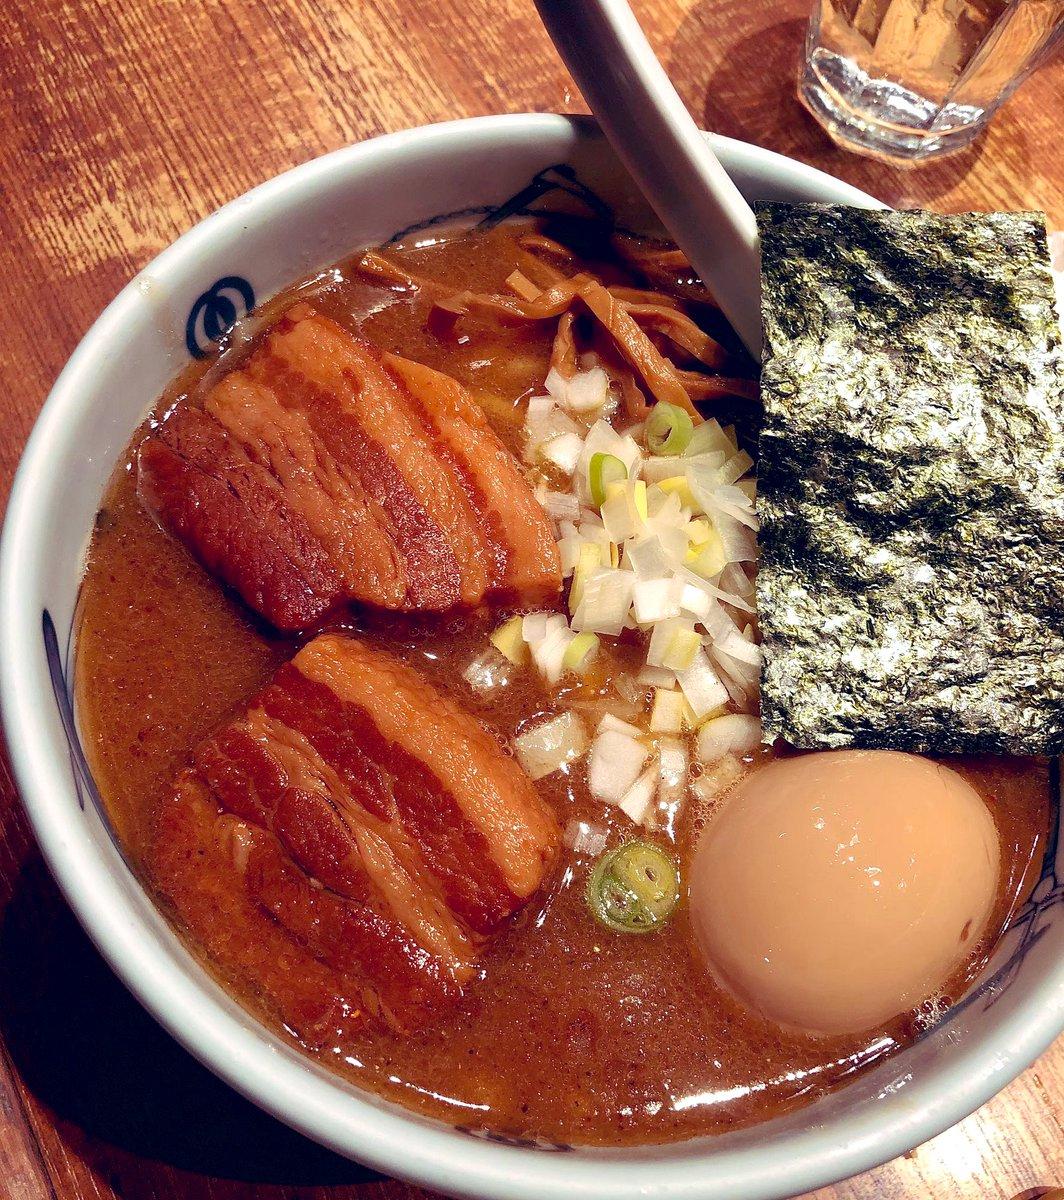 てでえま🦋🏠あーなんかお酒呑んだからかわからないけど無性に武蔵のラーメン食べたい〜🍜🍥食べたすぎる。。どうやって抑えよう😵カップラーメンたーべよ。